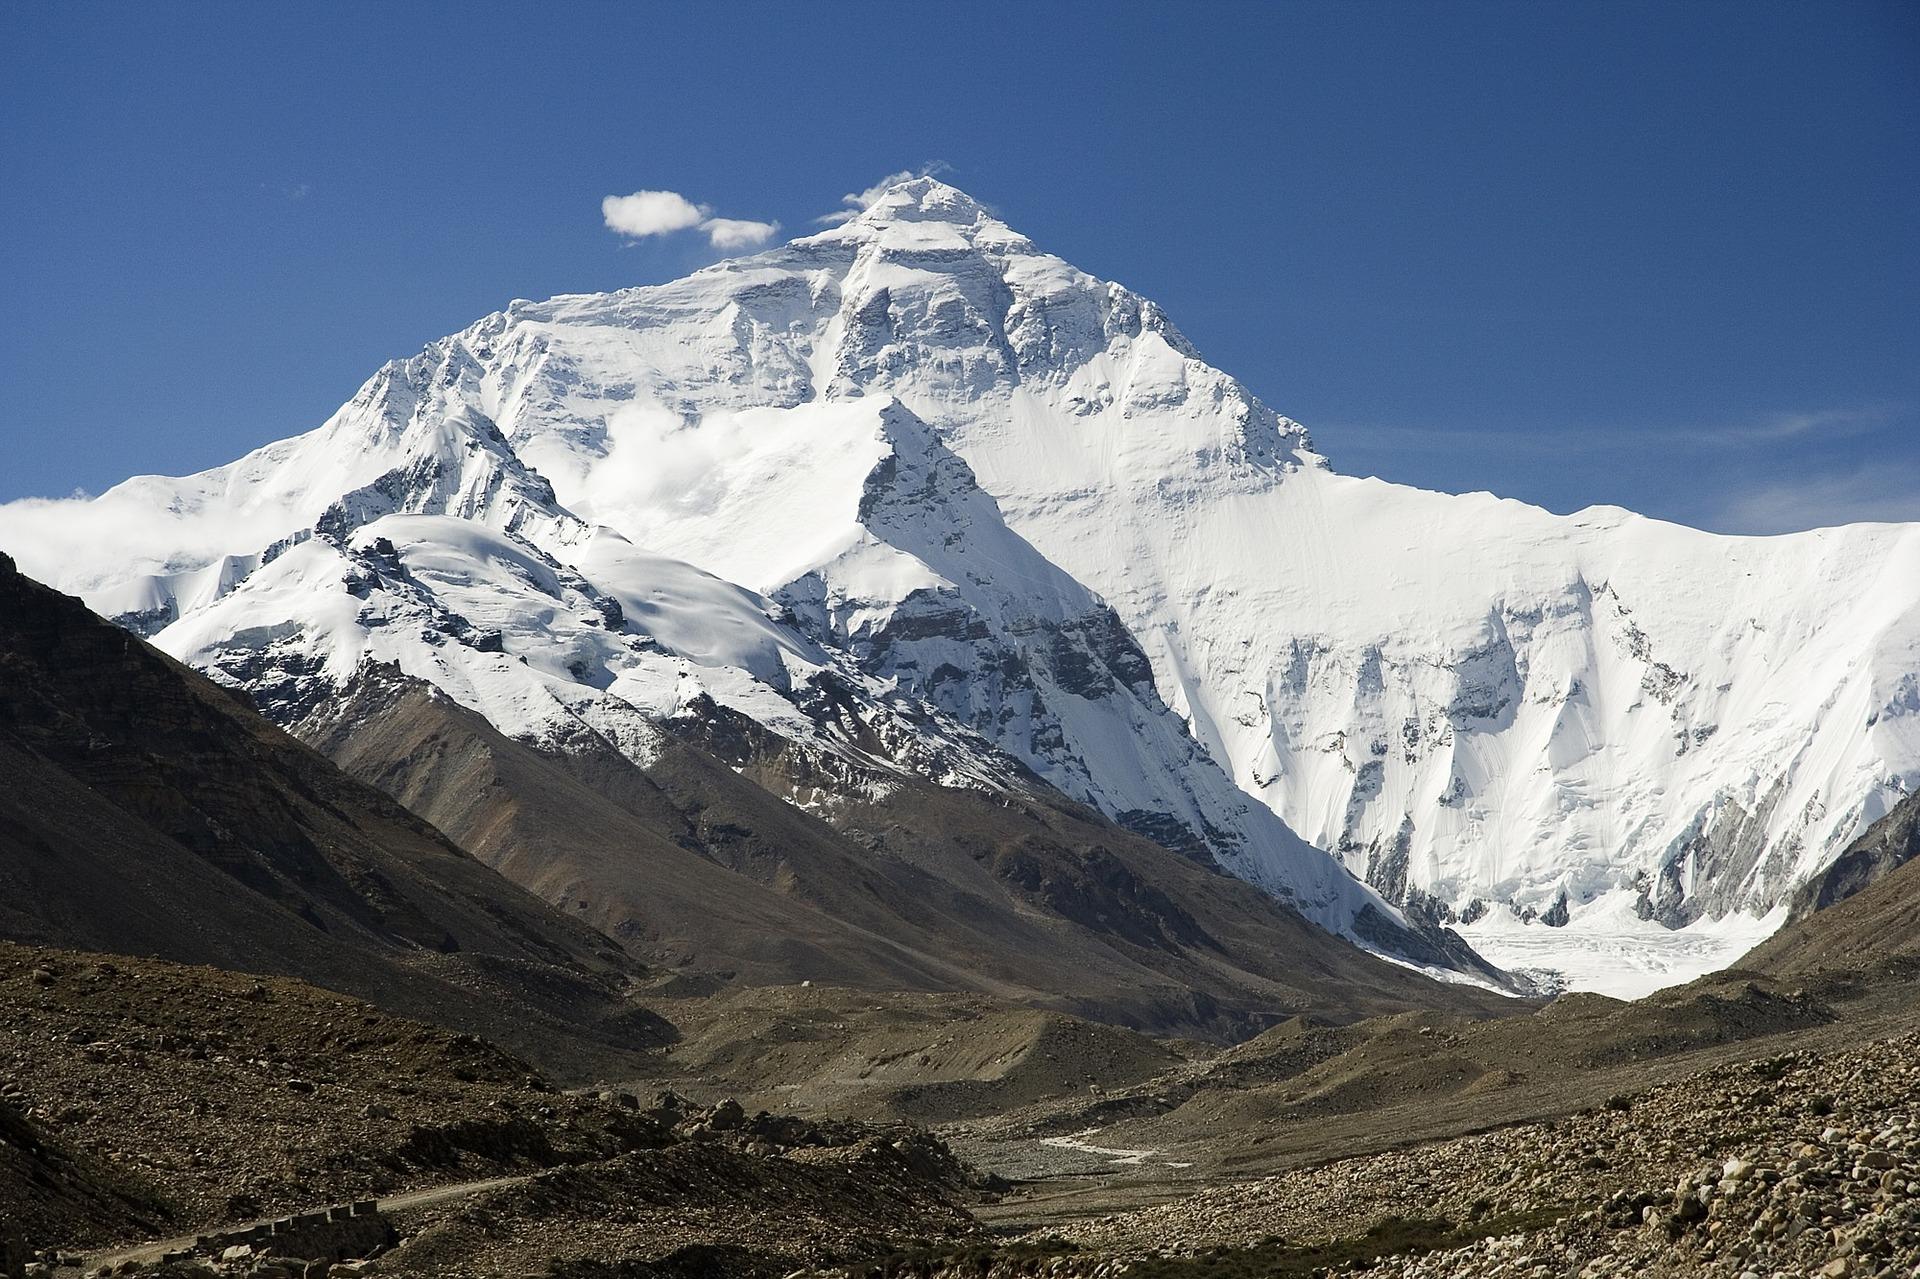 Zbog klimatskih promjena do 2100. otopit će se trećina himalajskih ledenjaka